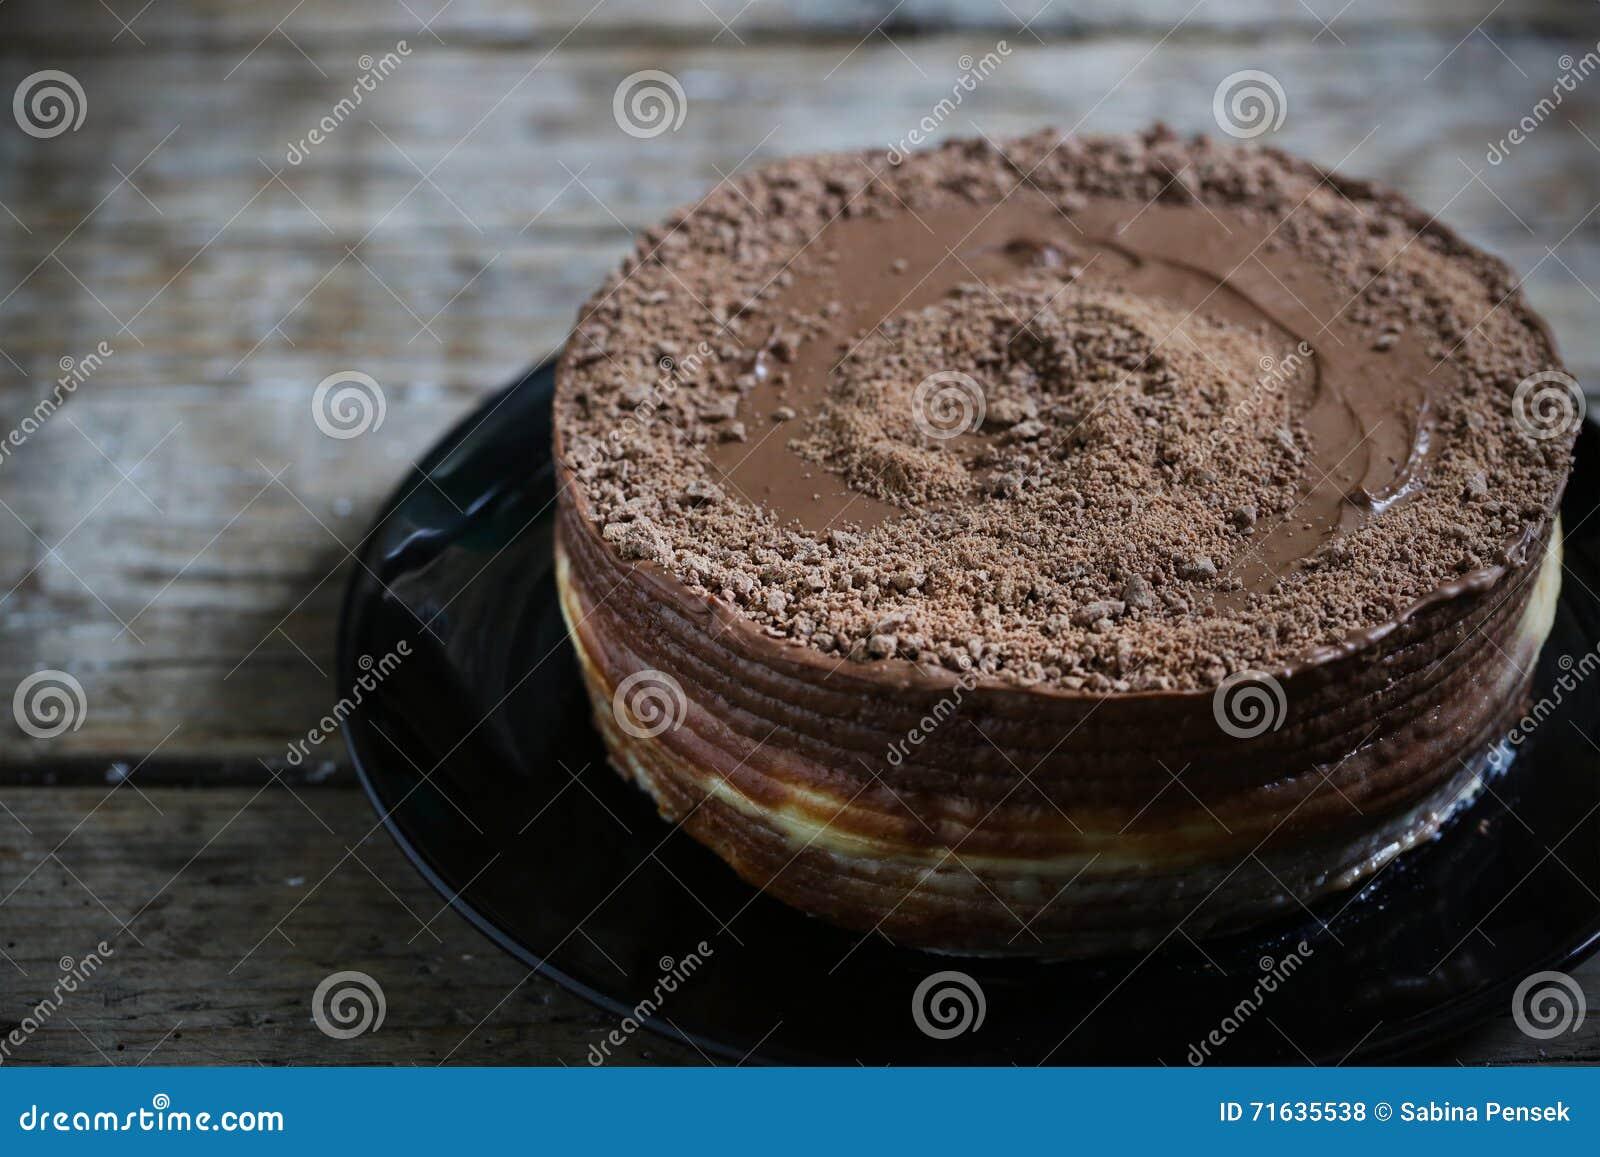 Uberlagerter Kuchen Der Milchschokolade Mit Weisser Sahnefullung